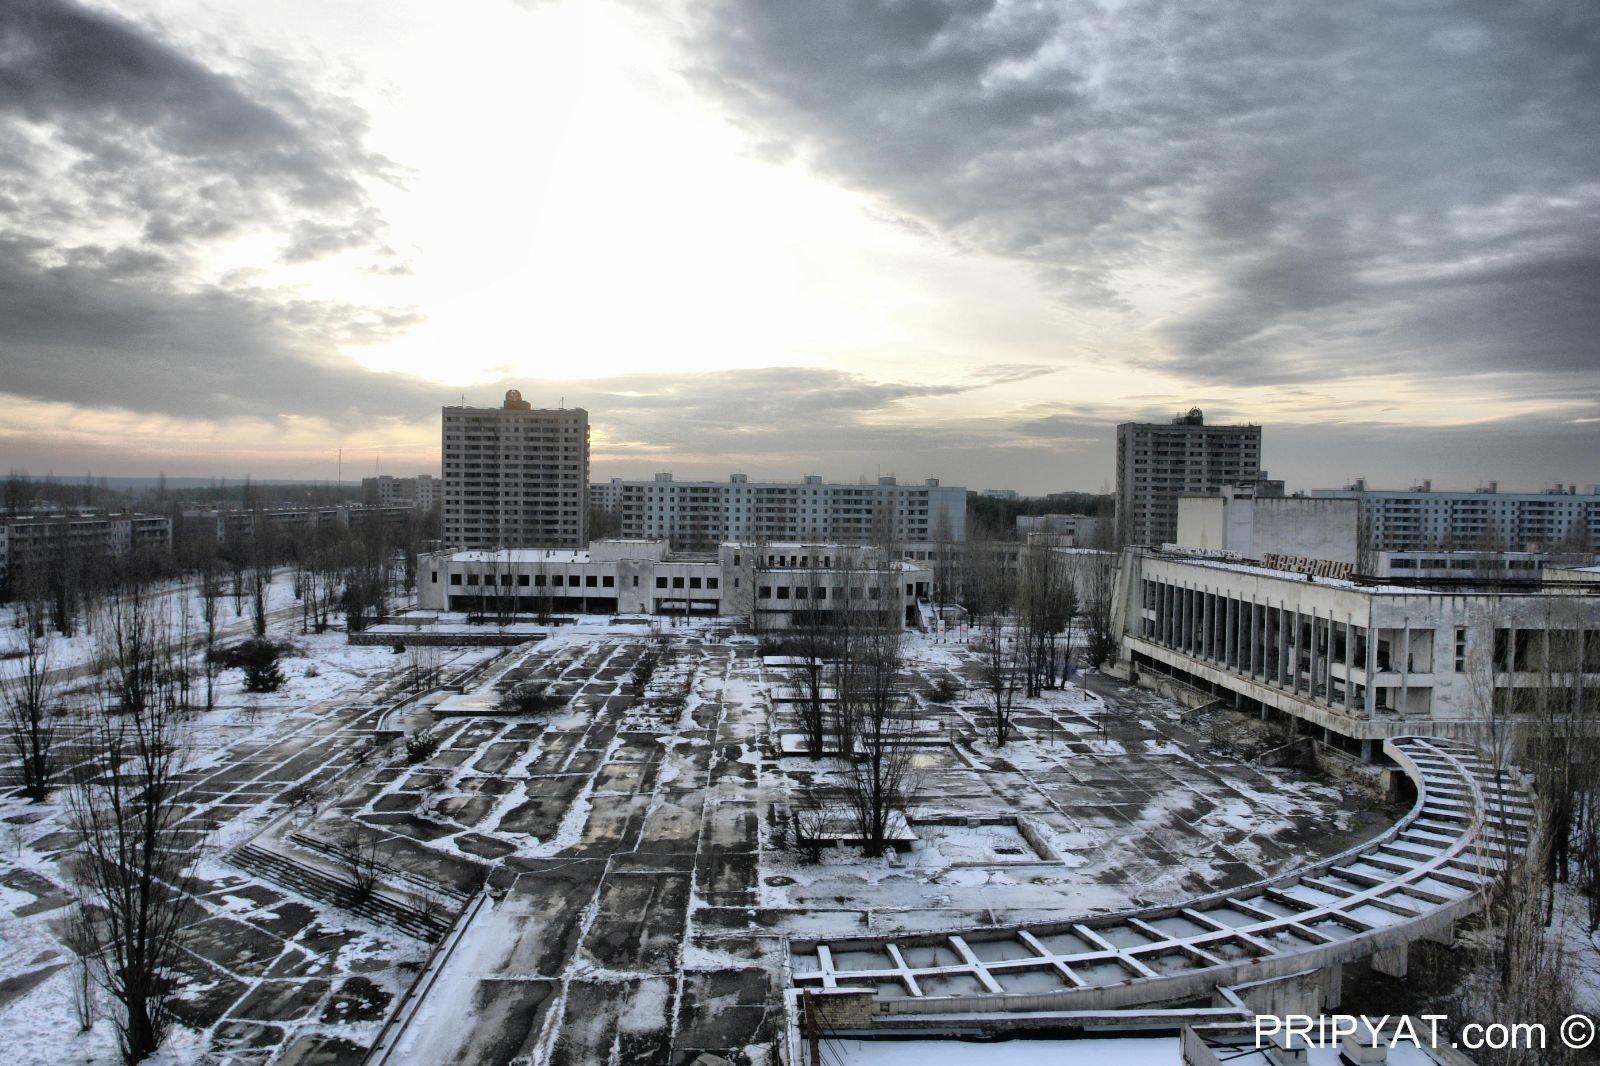 Chernobyl, the city of Pripyat